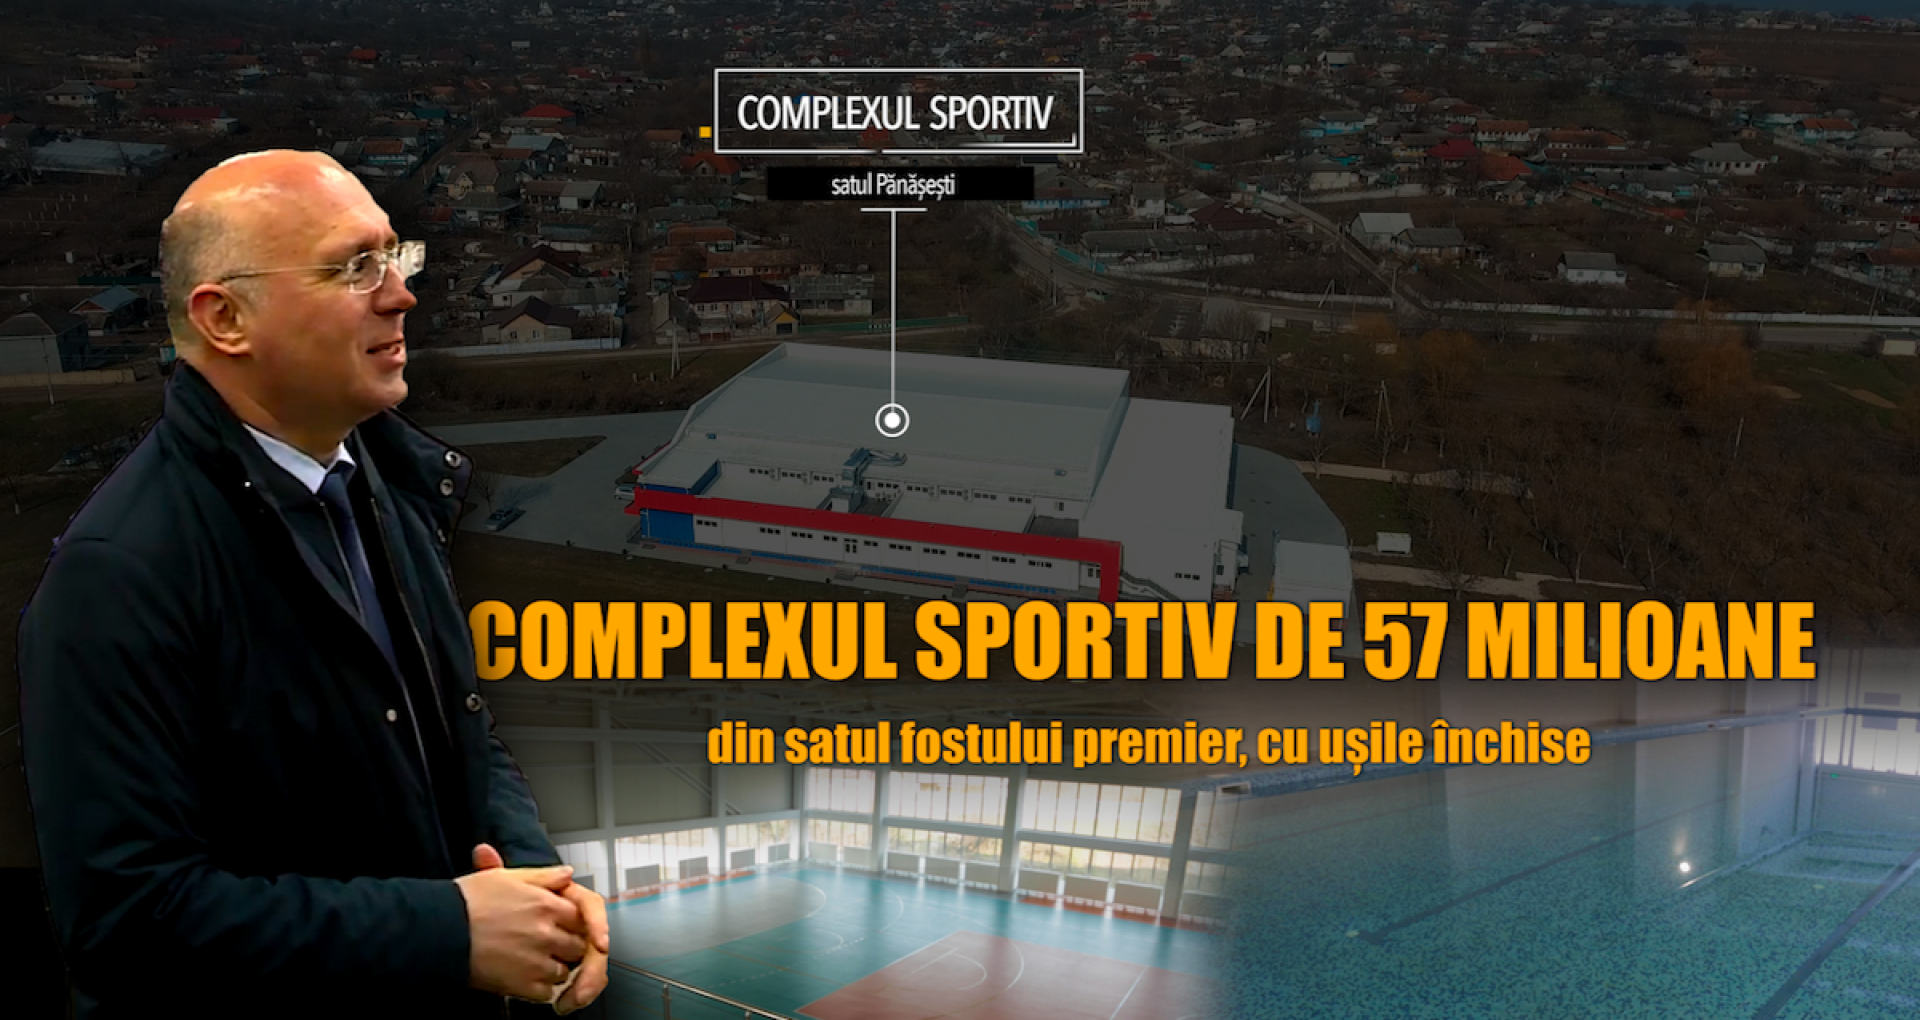 """VIDEO/ Complex sportiv de 57 de milioane în satul fostului premier Filip — """"problemă moștenită"""" de noua administrație de la Strășeni"""